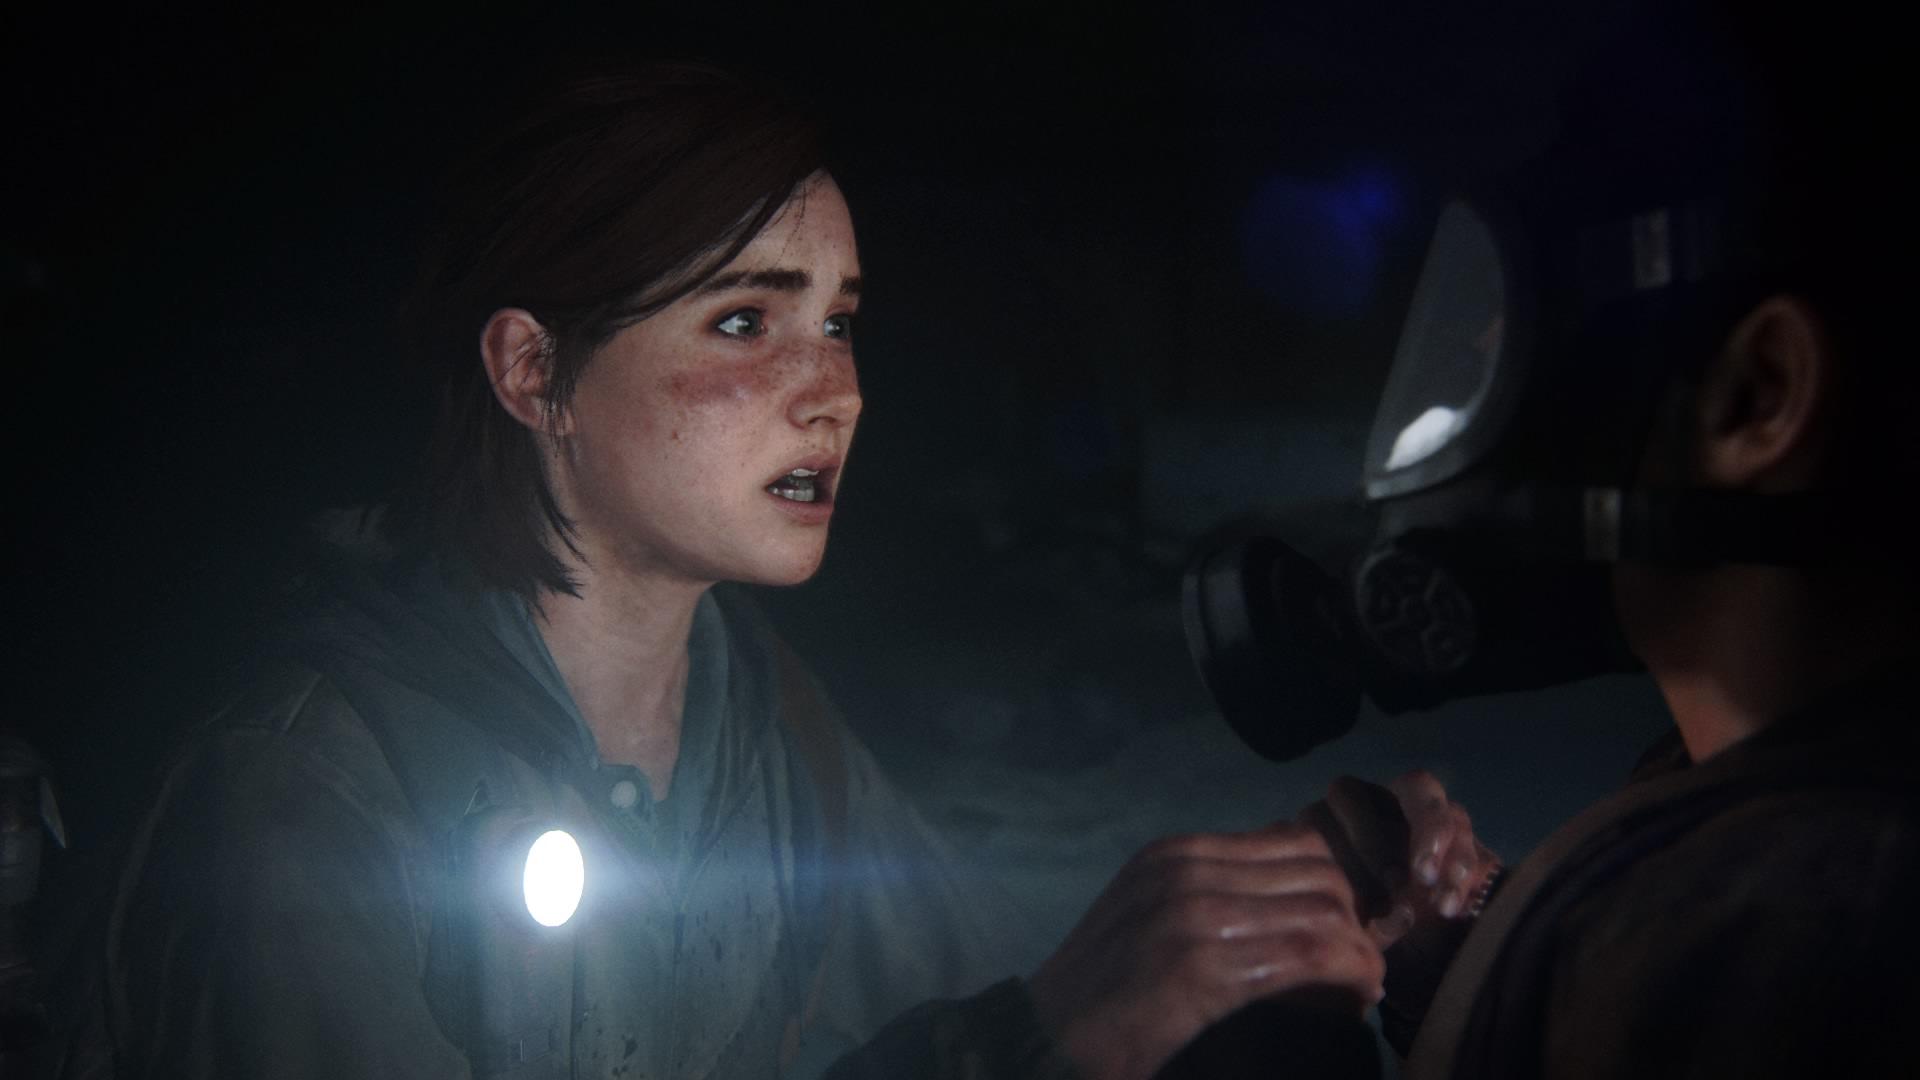 Ellie Offenbart Dina Ihre Immunität Gegenüber Den Sporen.